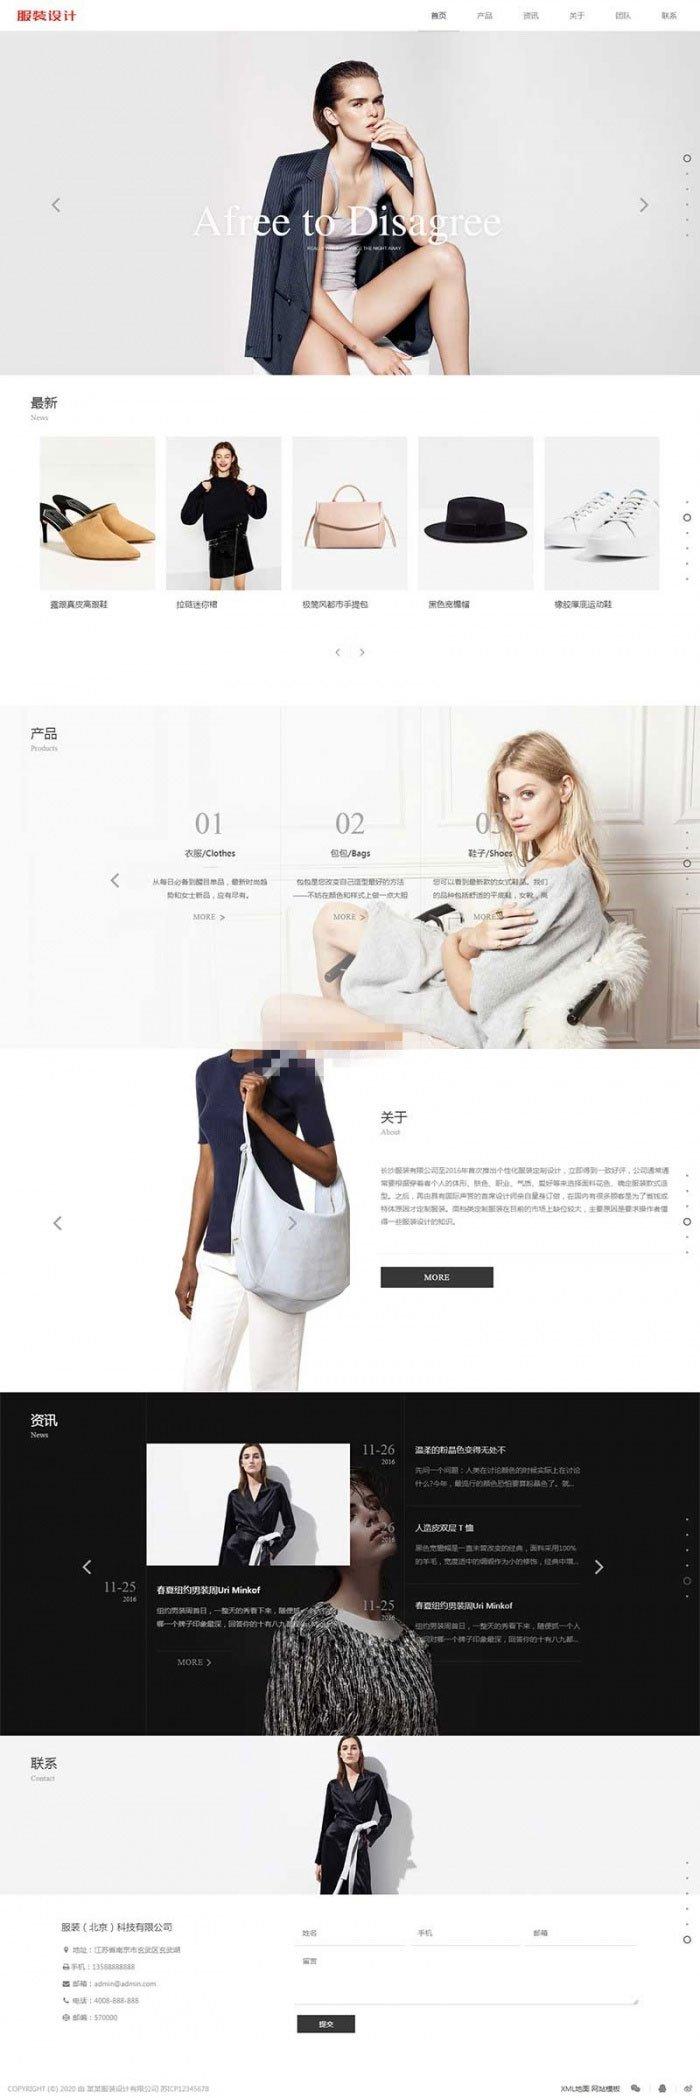 【织梦摄影网站模板】响应式创意滚屏服饰服饰摄影爱好企业网站源码自适应手机